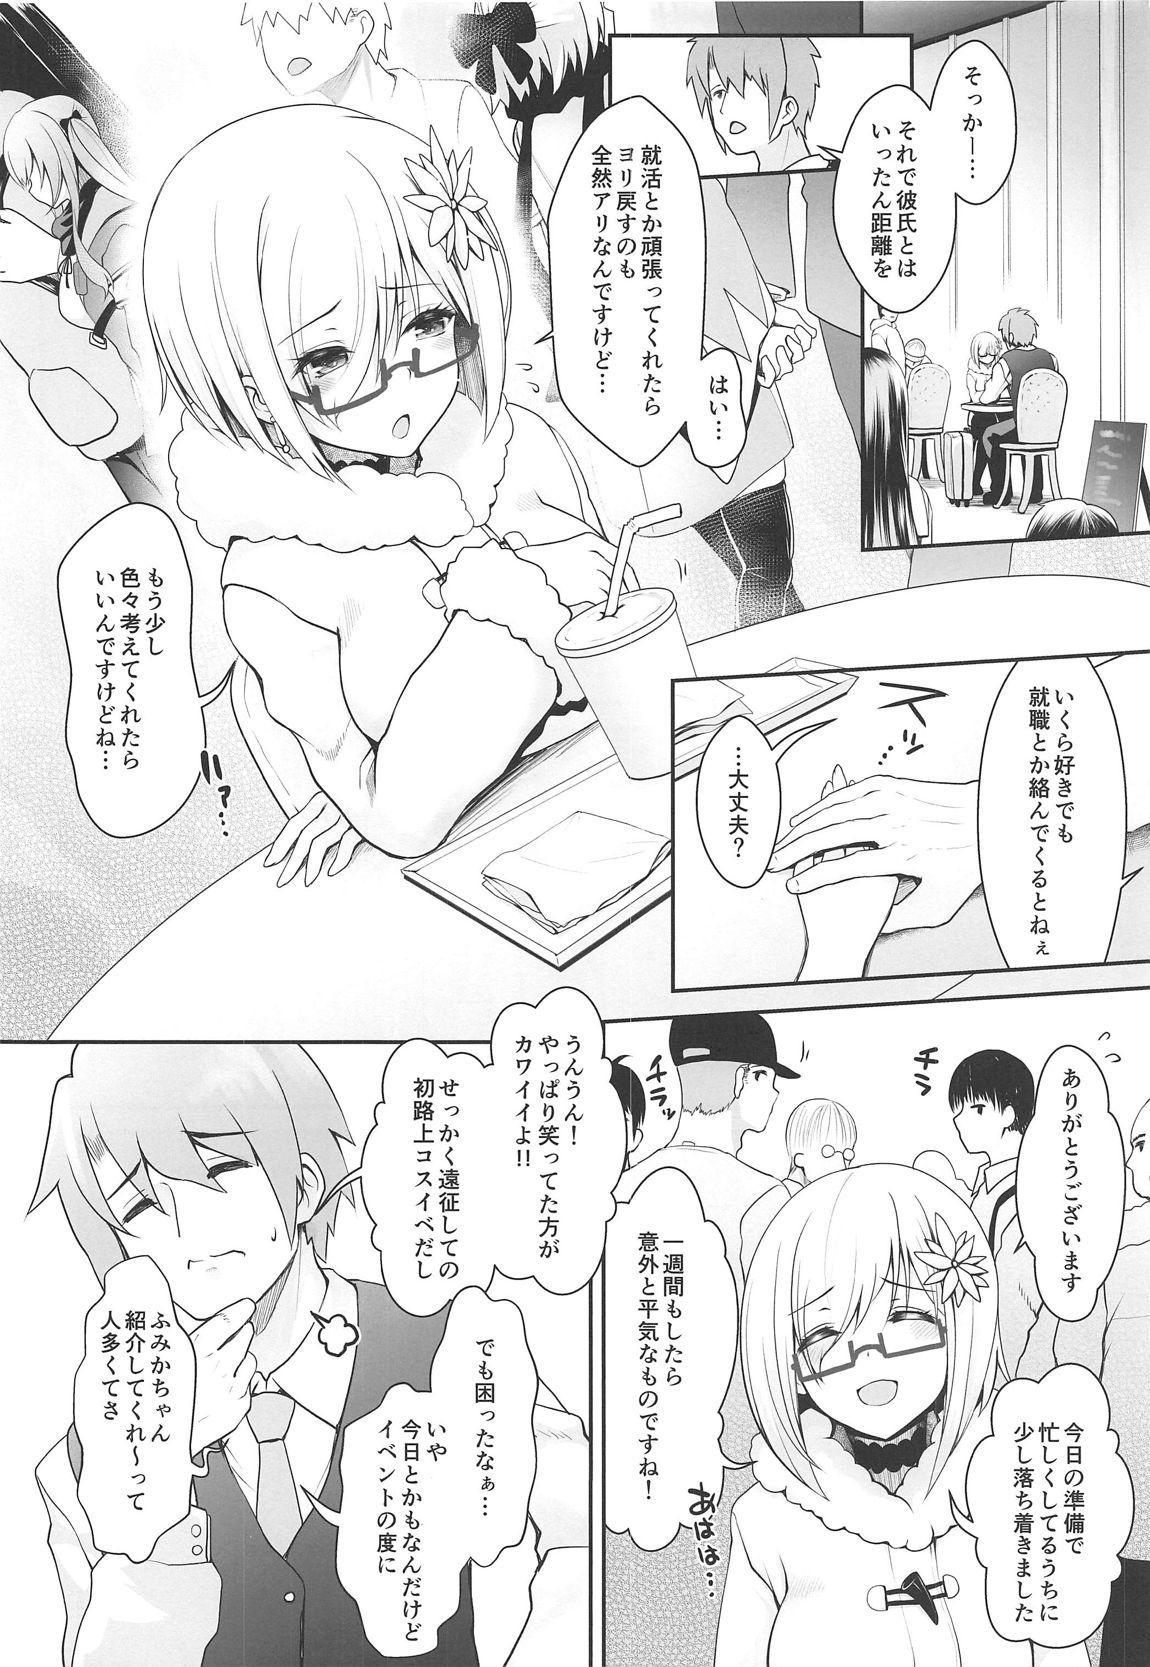 Purupuru Yurasu H-Cup Namachichi Hobo Marudashi Layer Icha Love Rojou CosEve Date 4